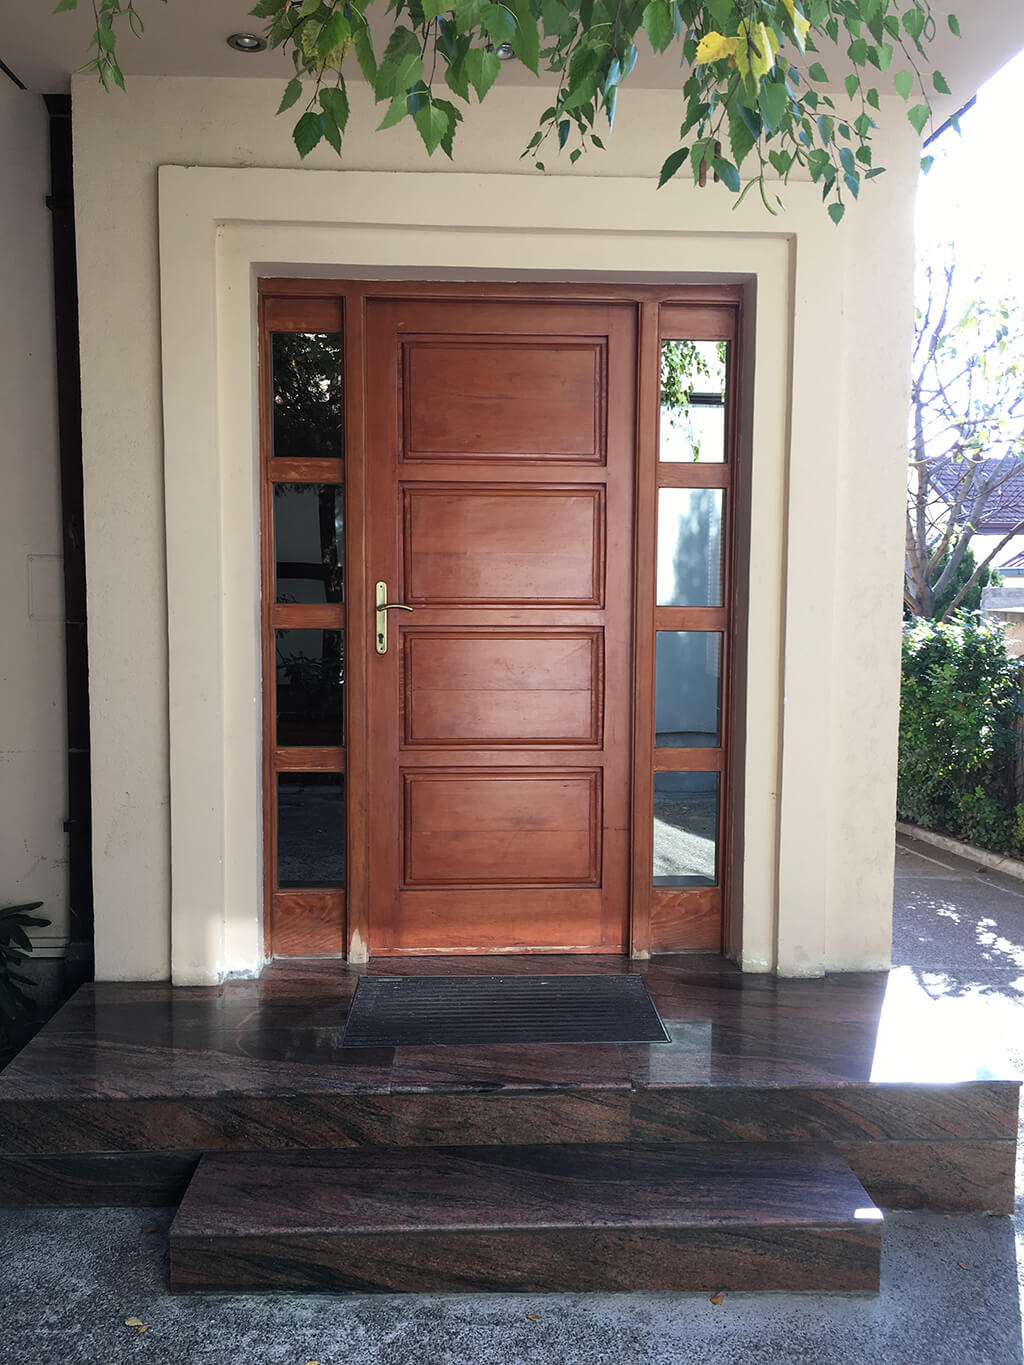 Lorijen centar za odvikavanje ordinacija ulazna vrata